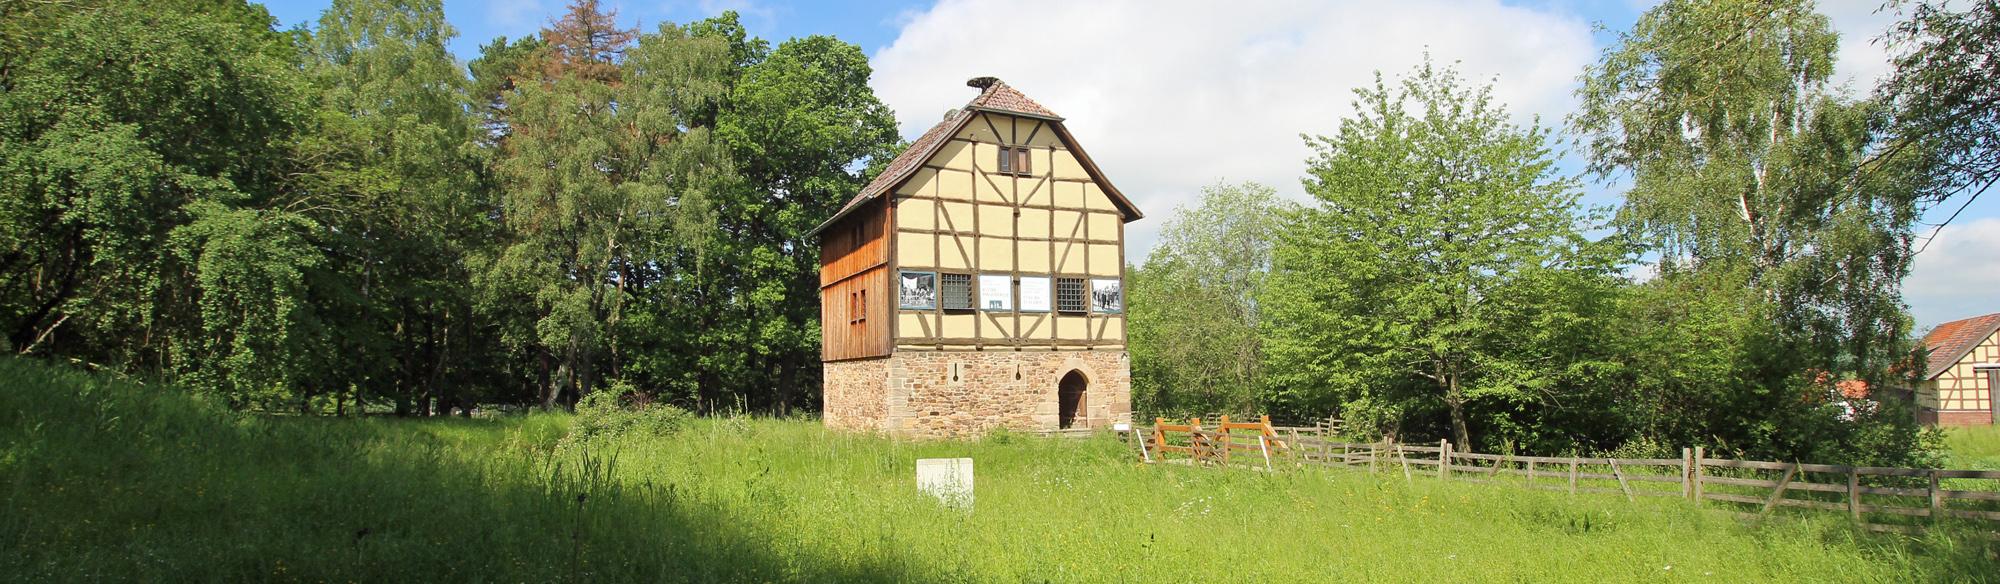 Ausstellungsgebäude Haus aus Ransbach von einem Wassergraben und Wiese umgeben.